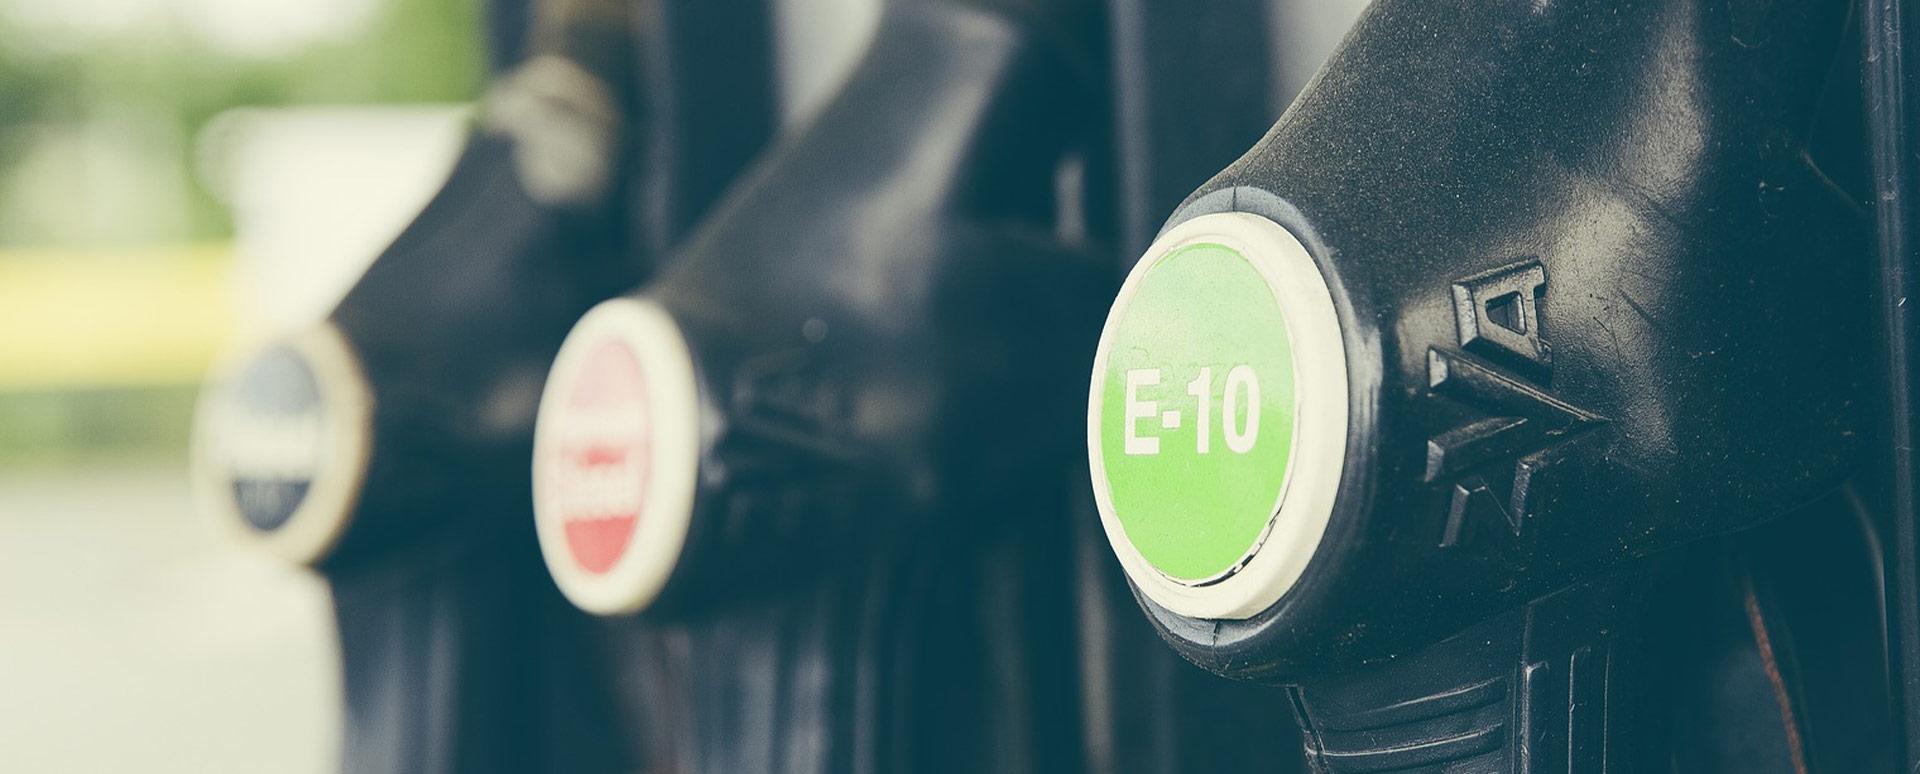 E10 fuel pump